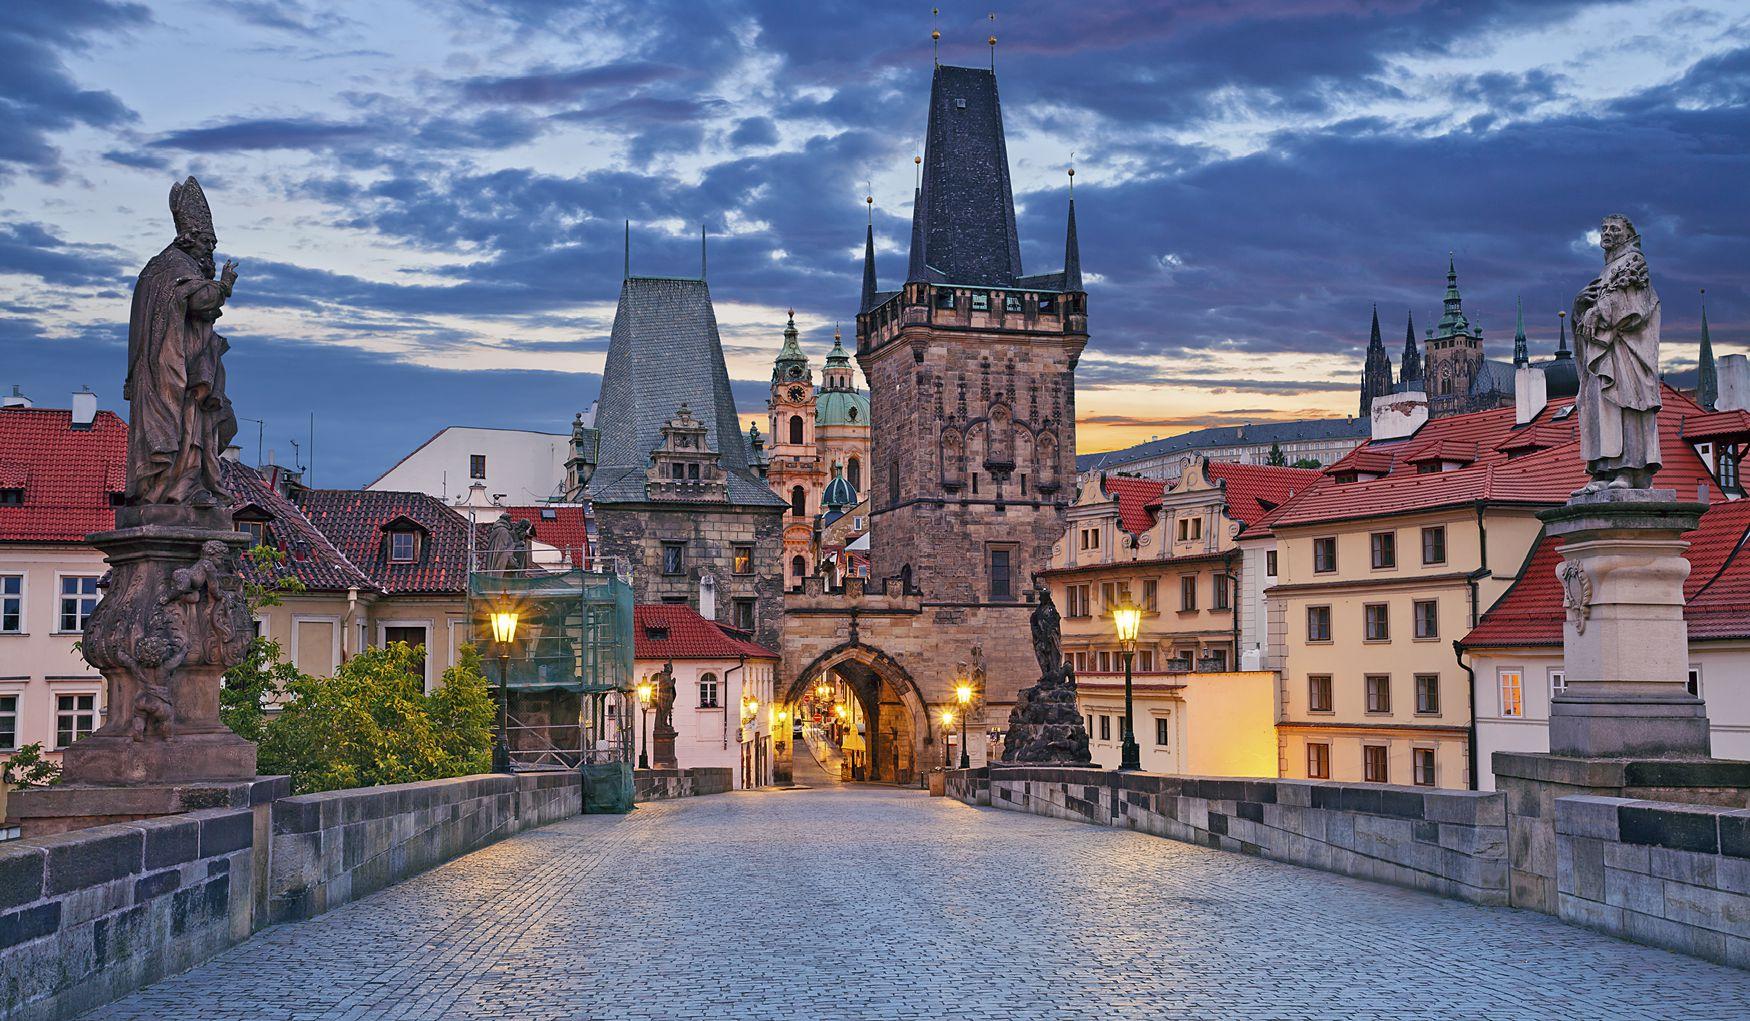 легенд города европы достопримечательности фото простой вариант